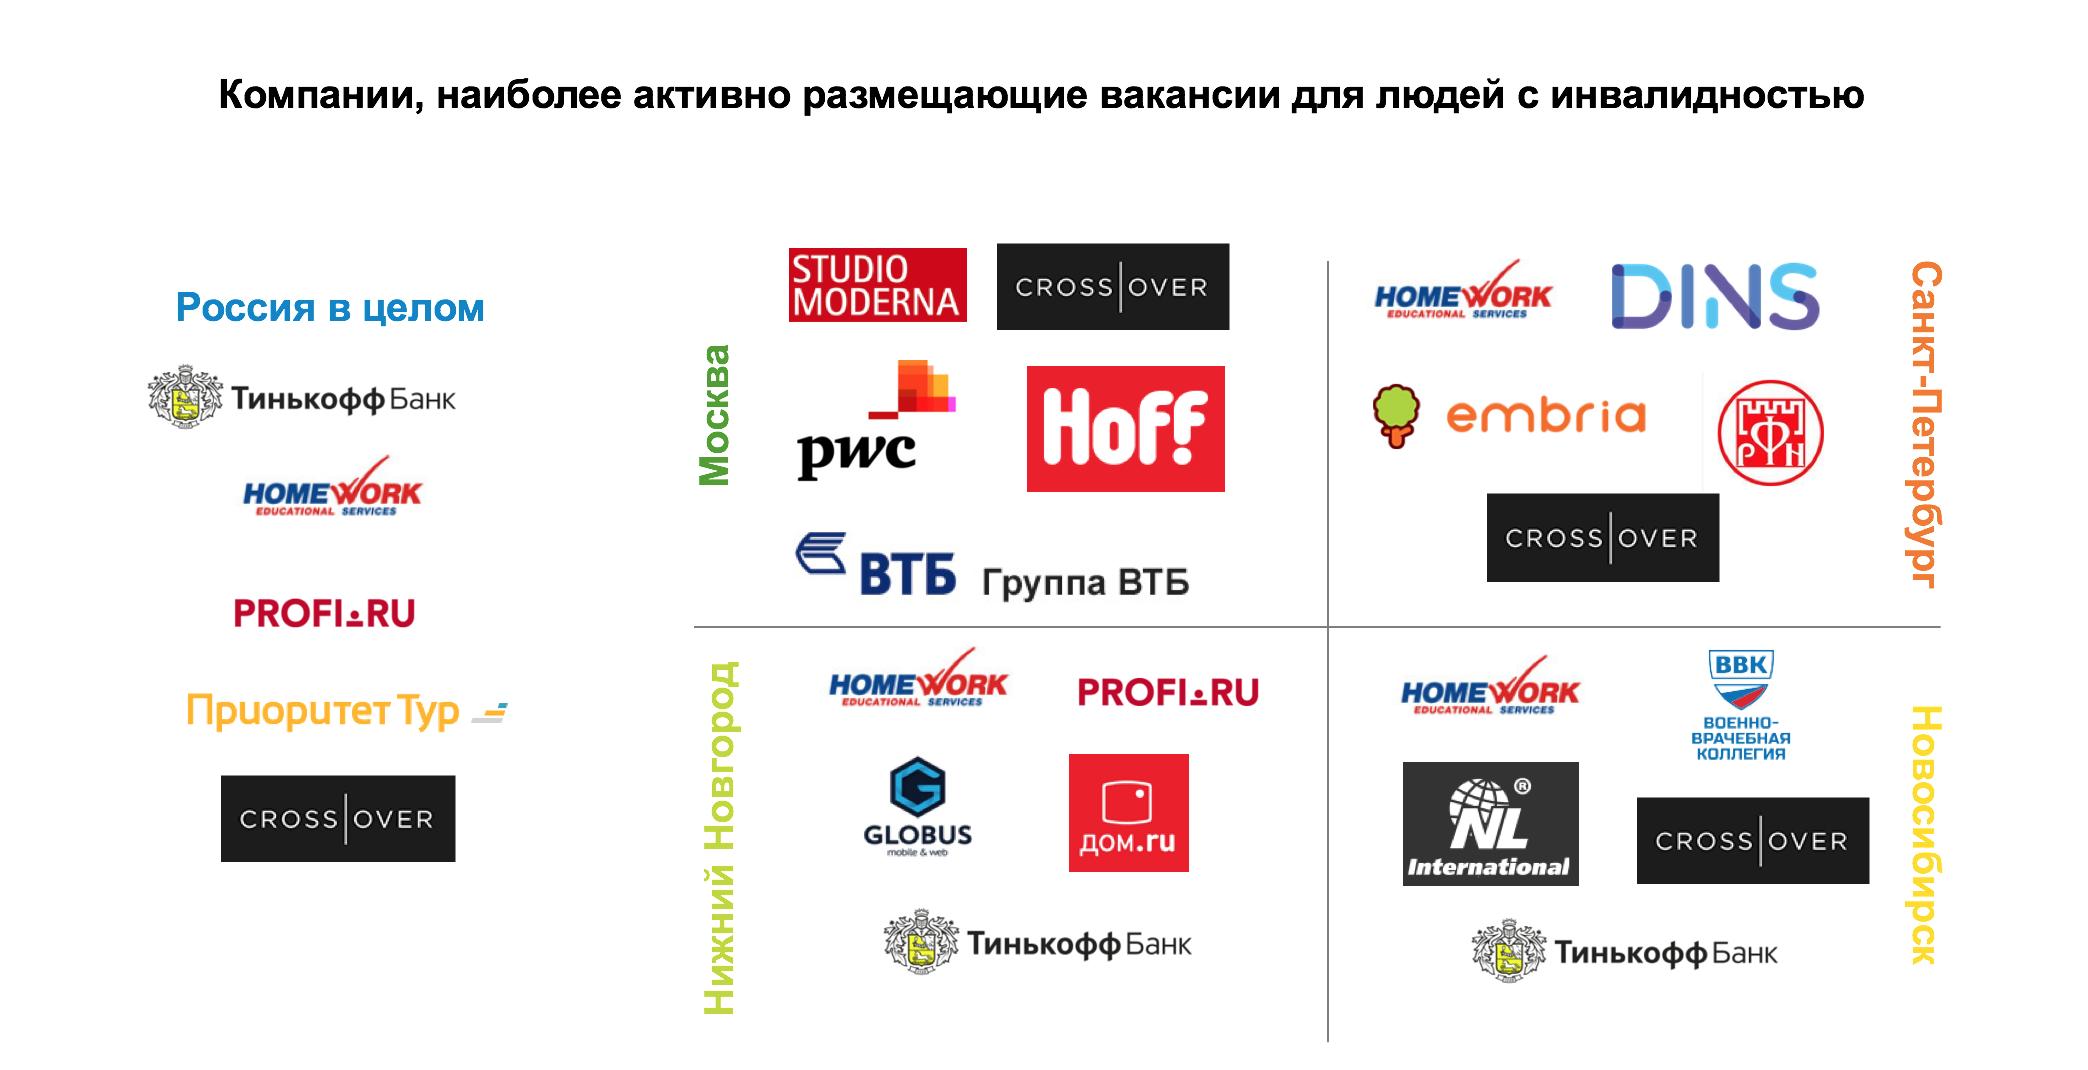 Возможности инклюзивного трудоустройства на Career.ru